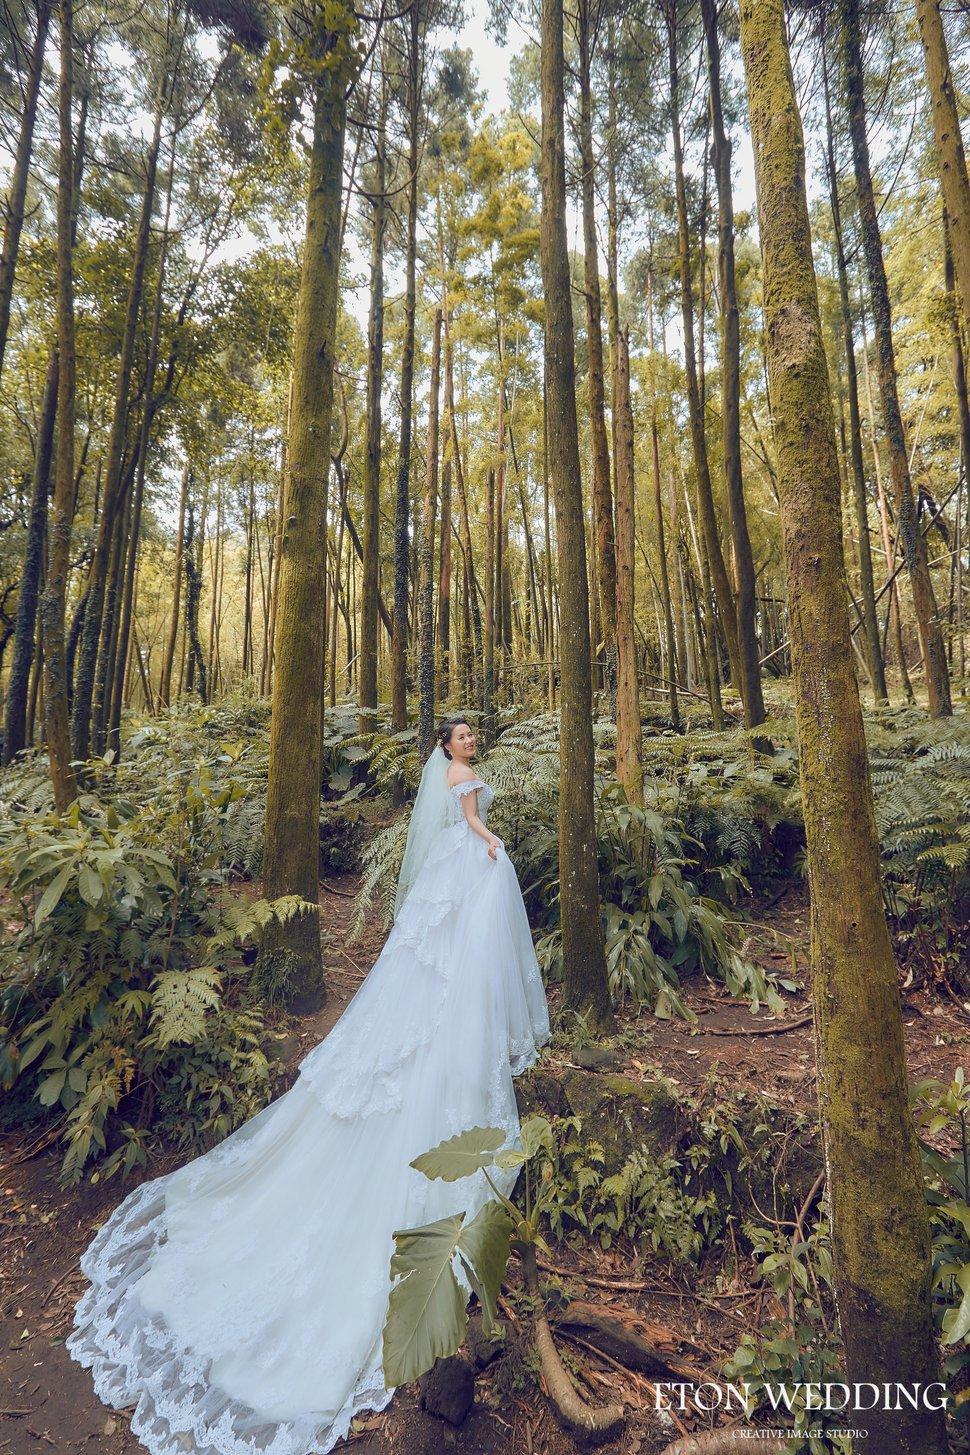 伊頓自助婚紗, 台北婚紗 (6) - 伊頓自助婚紗 ▌台北高雄板橋桃園新竹台南《結婚吧》